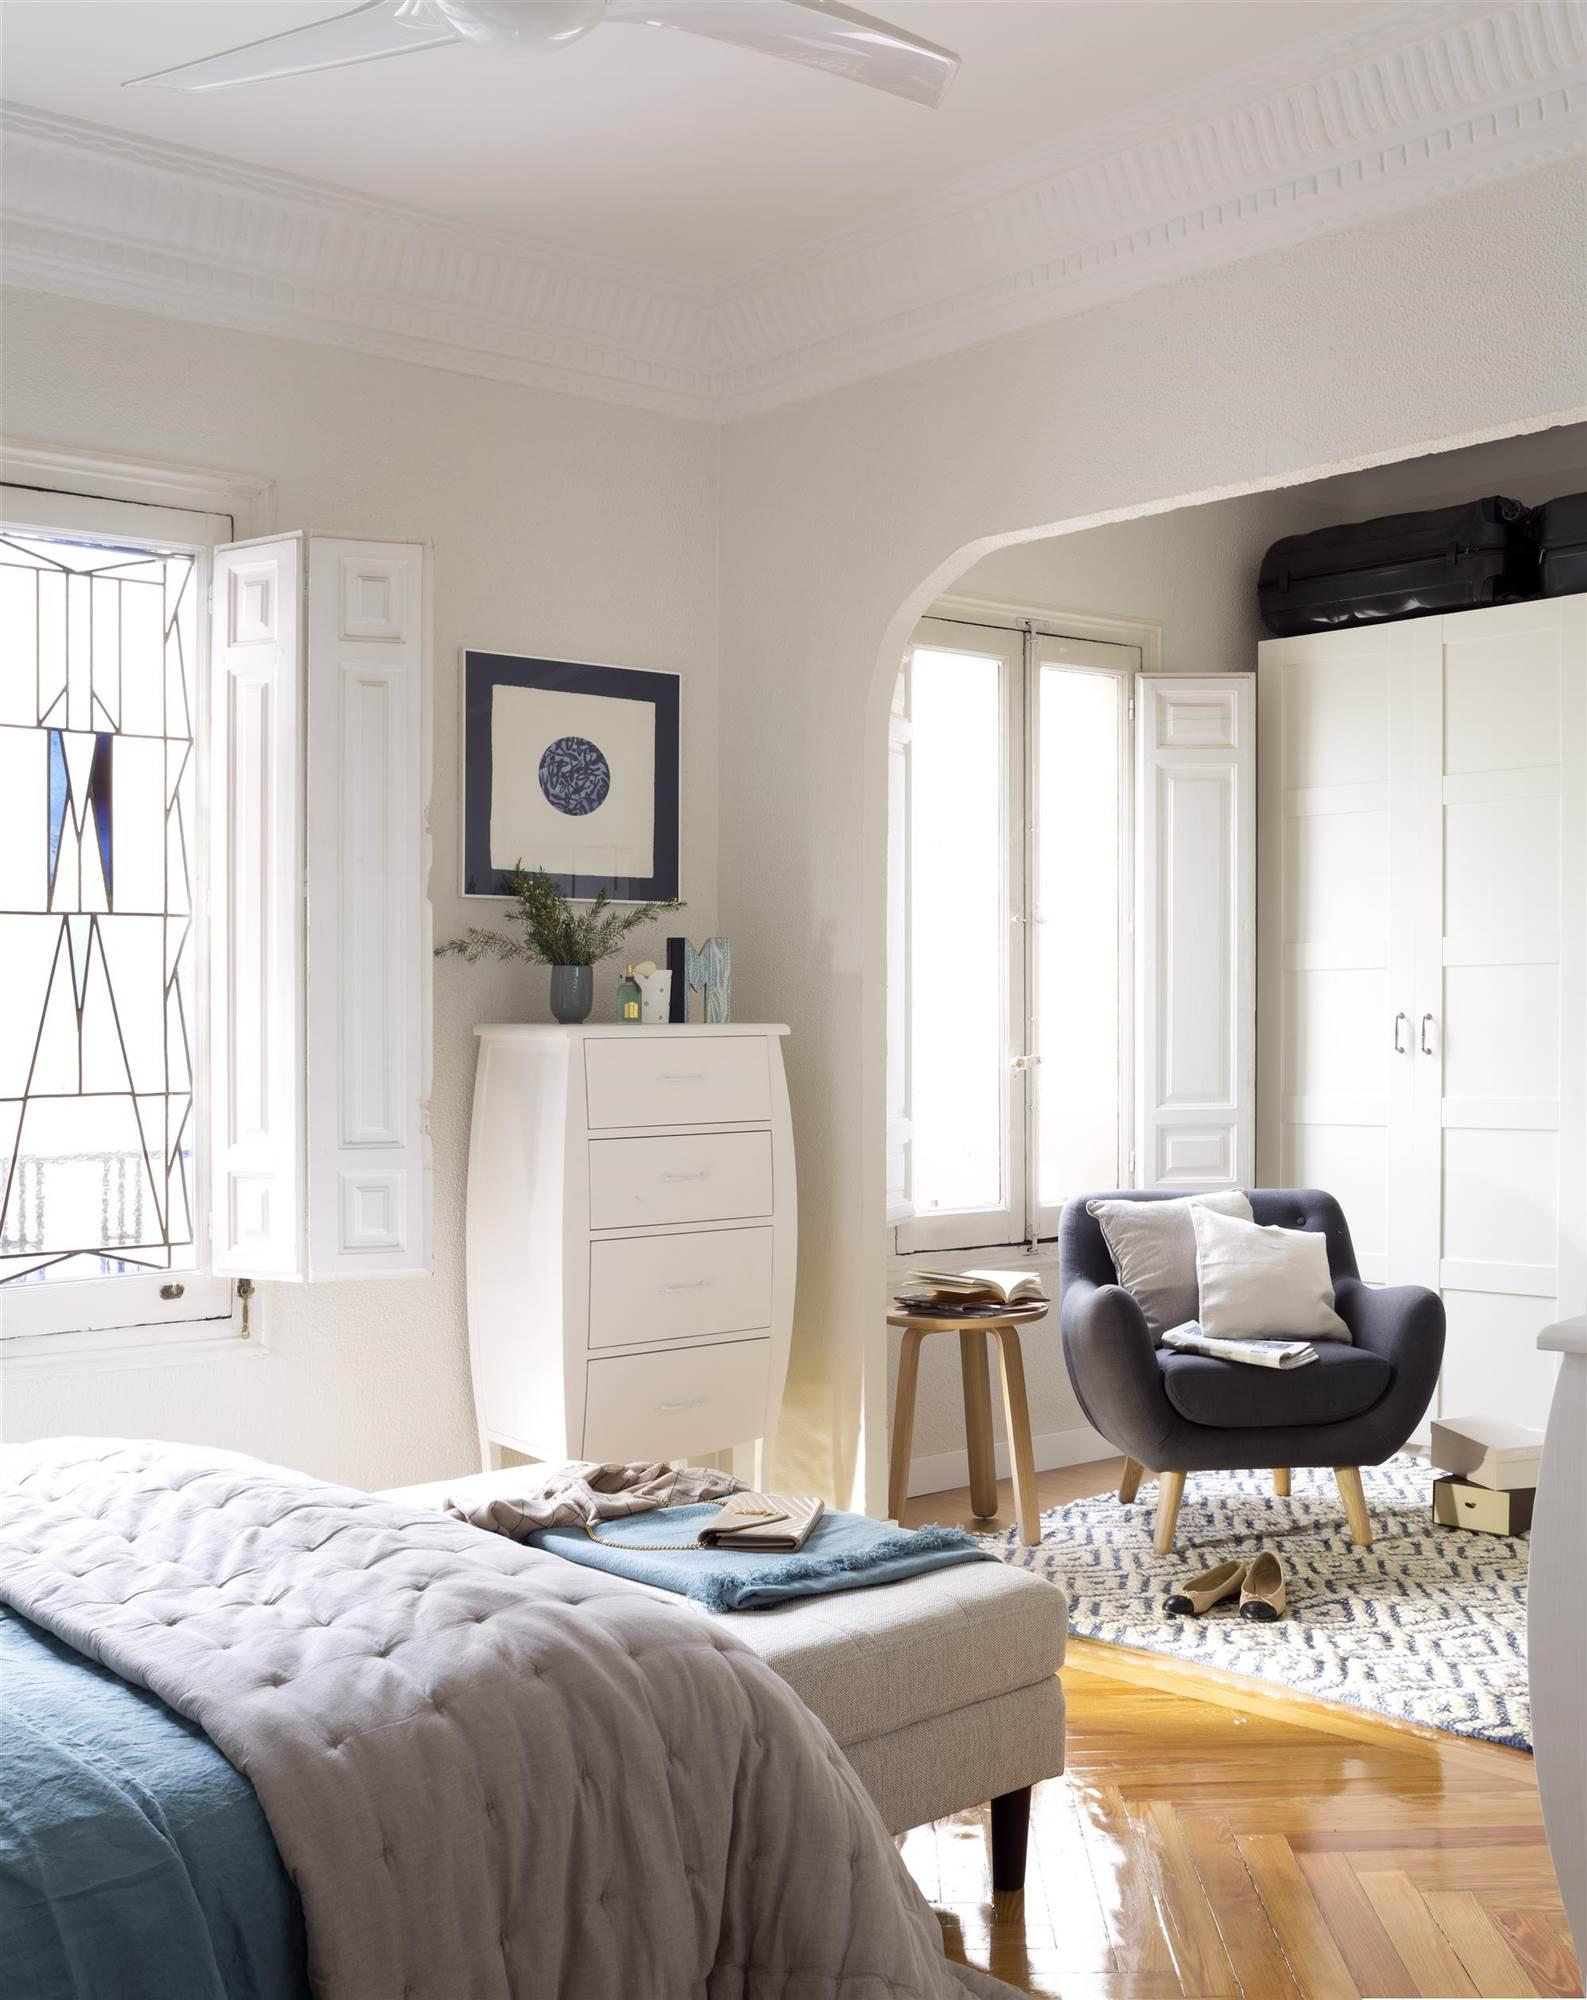 Armarios roperos armarios de cocina y armarios de ba o - Butacas para dormitorio ...